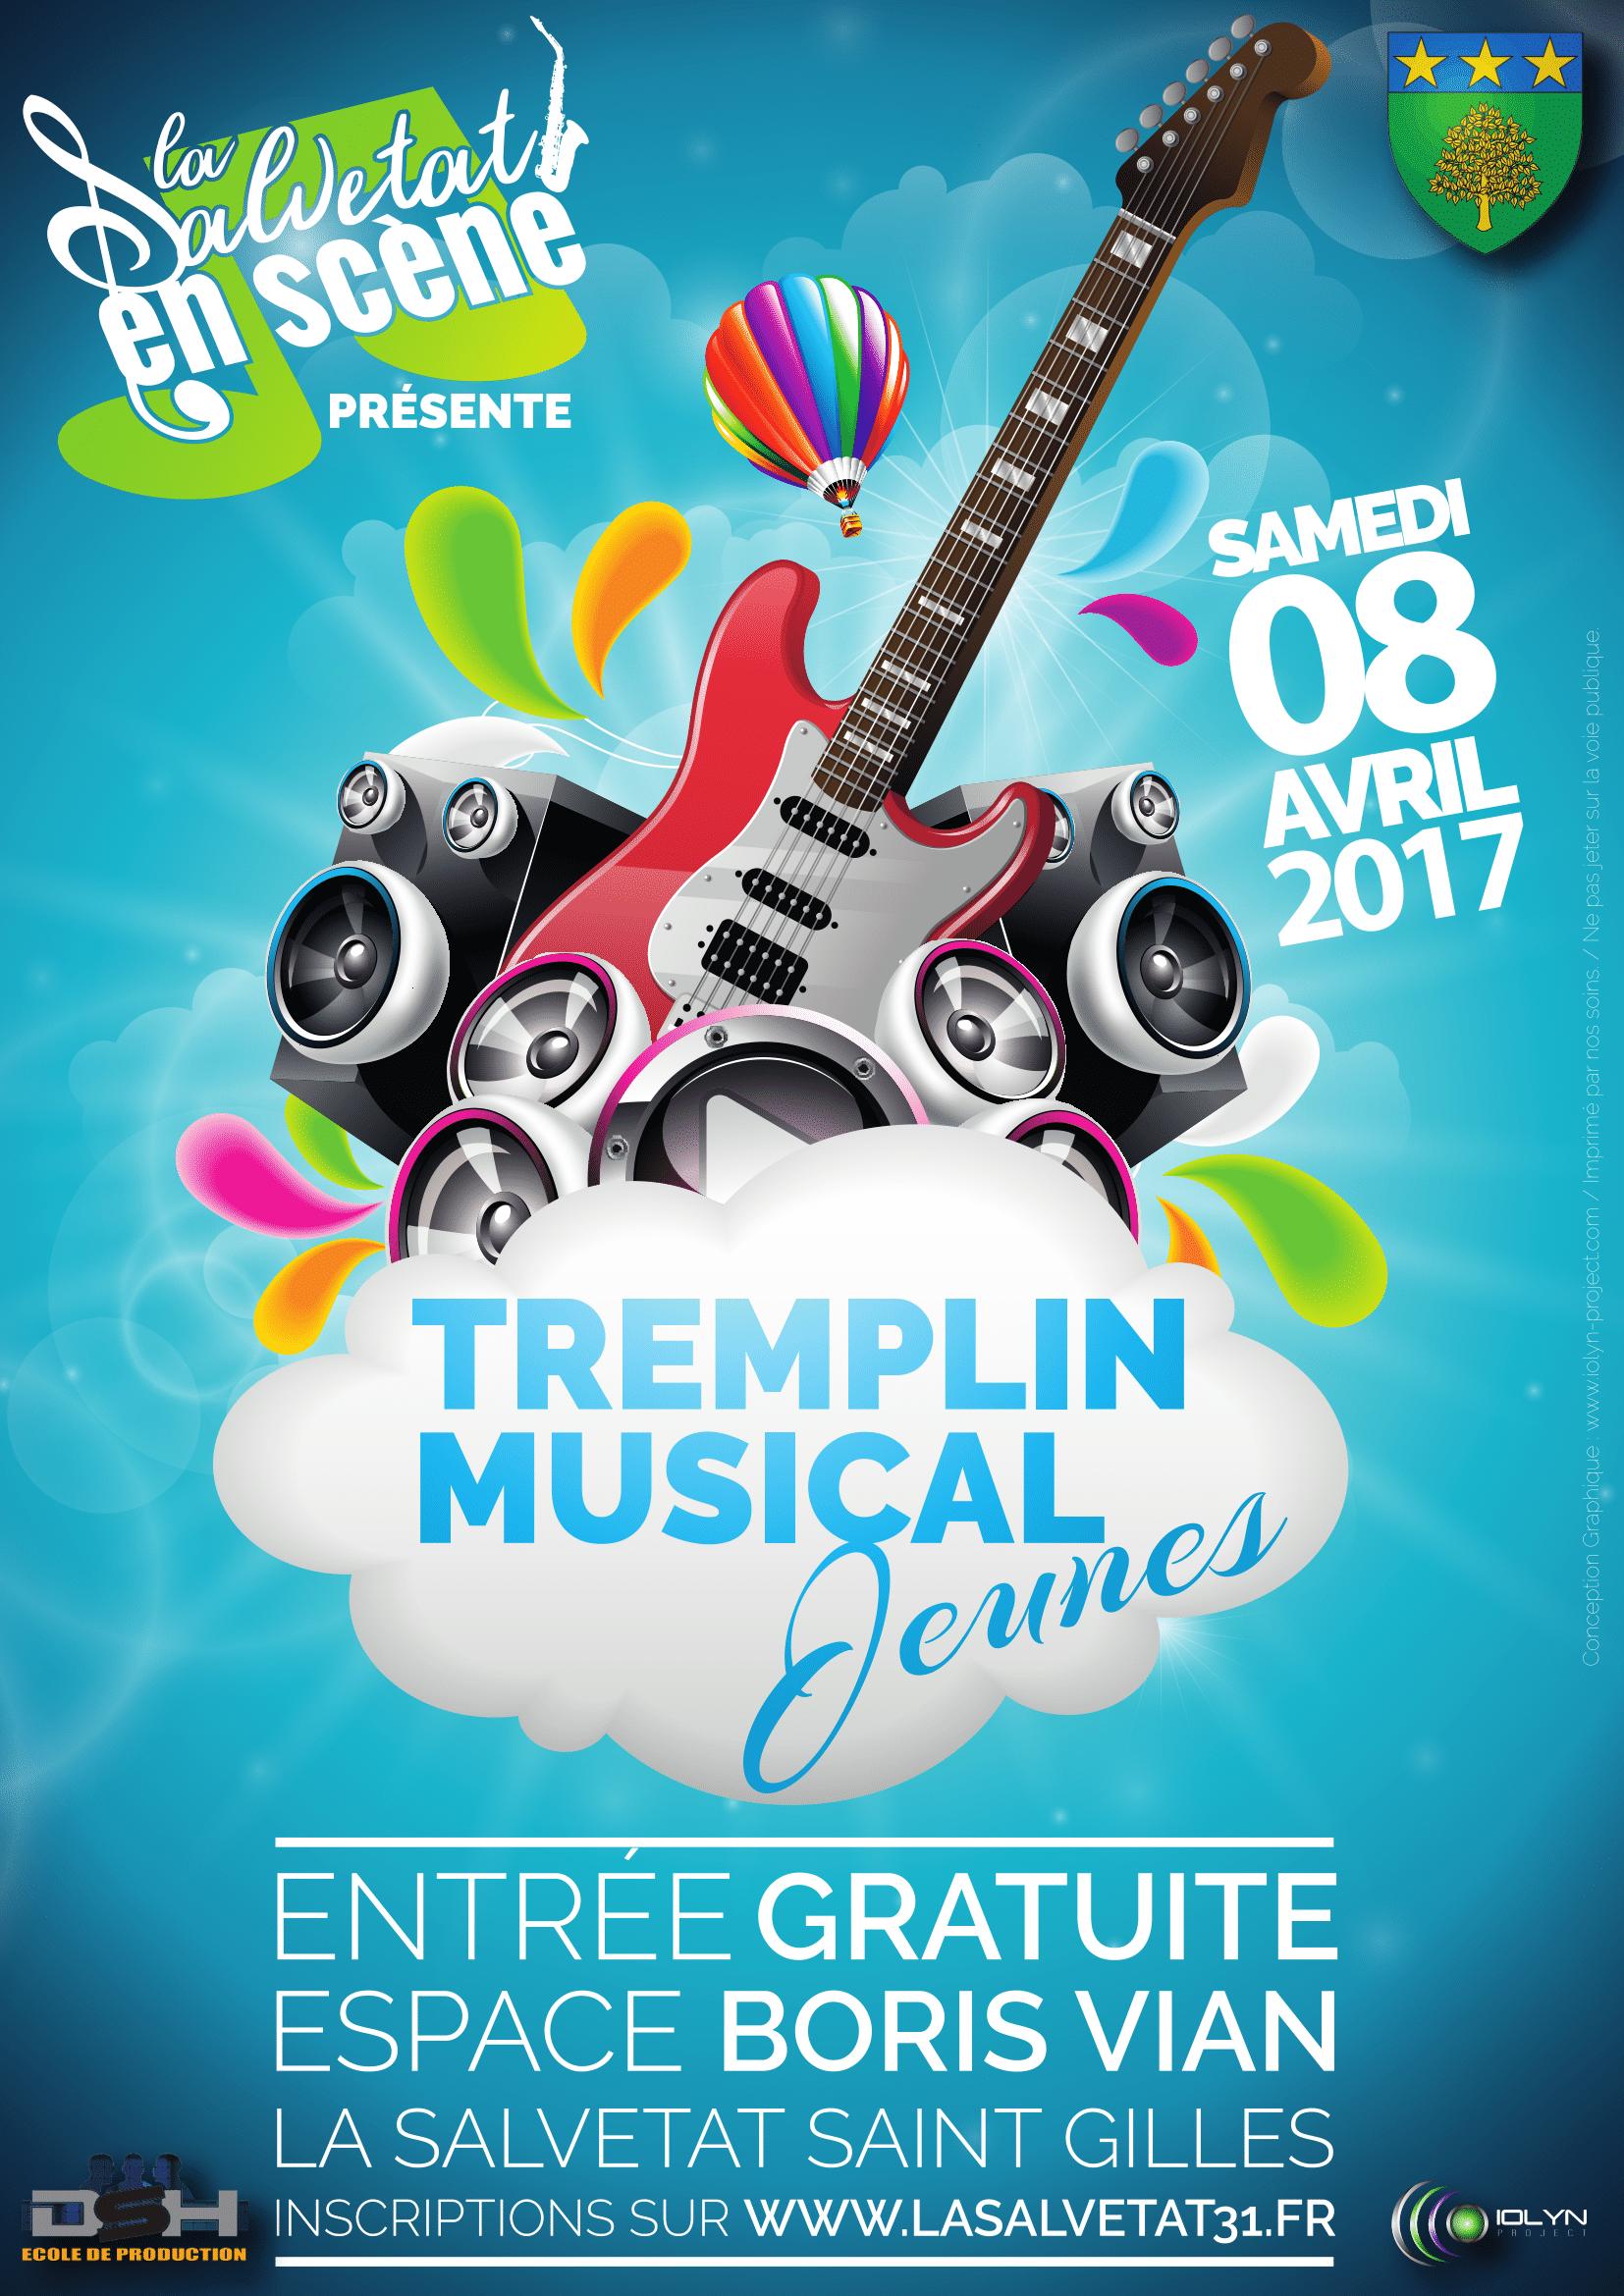 Tremplin Musical Jeunes : le 8 Avril 2017